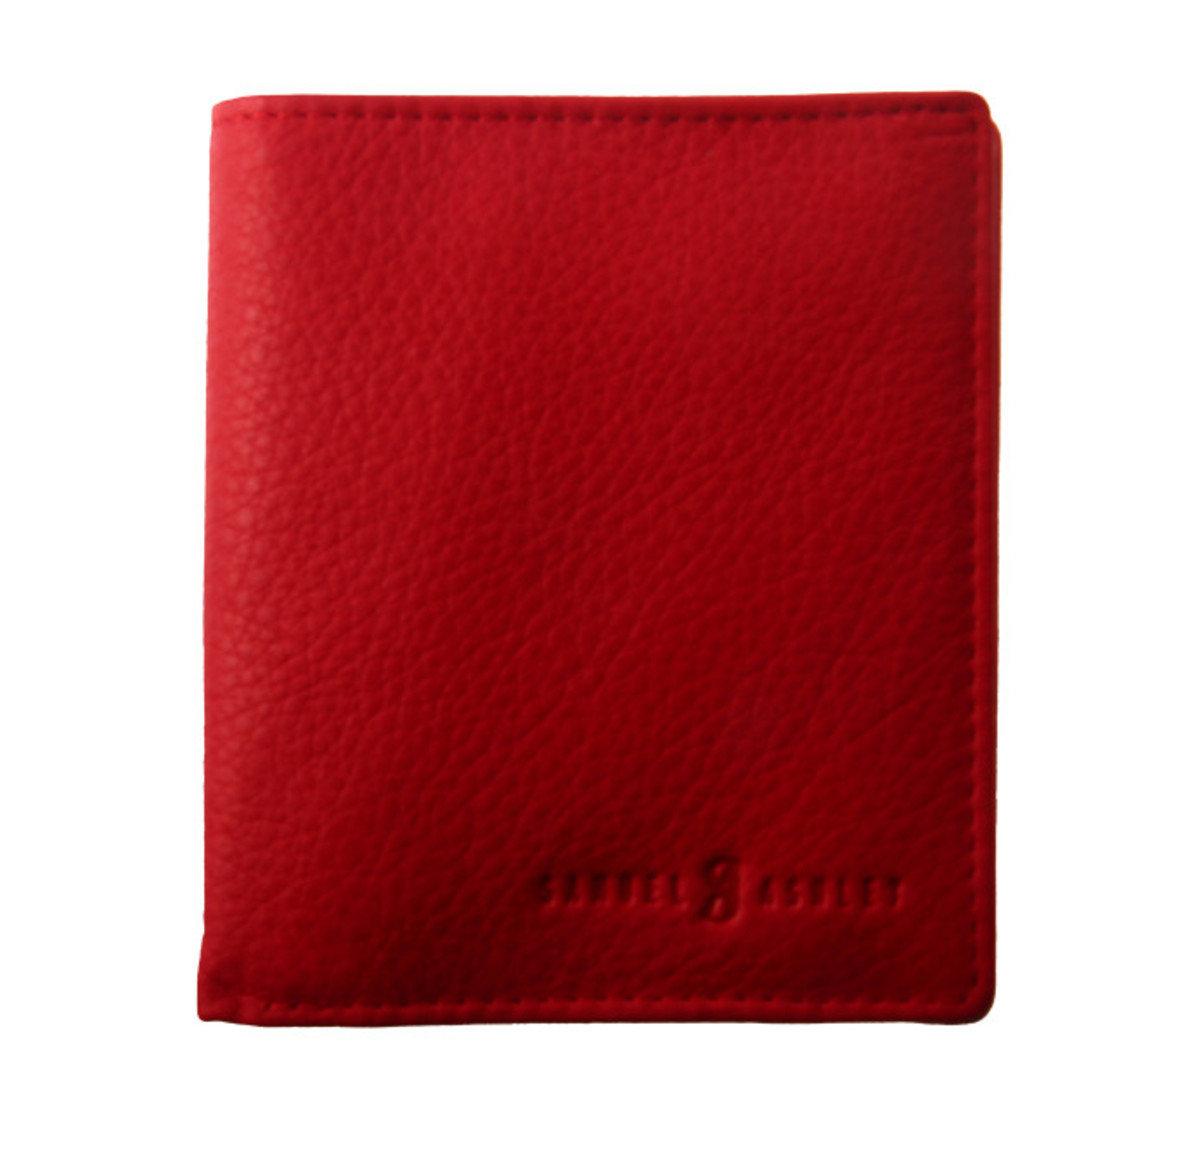 短身兩摺銀包- 紅